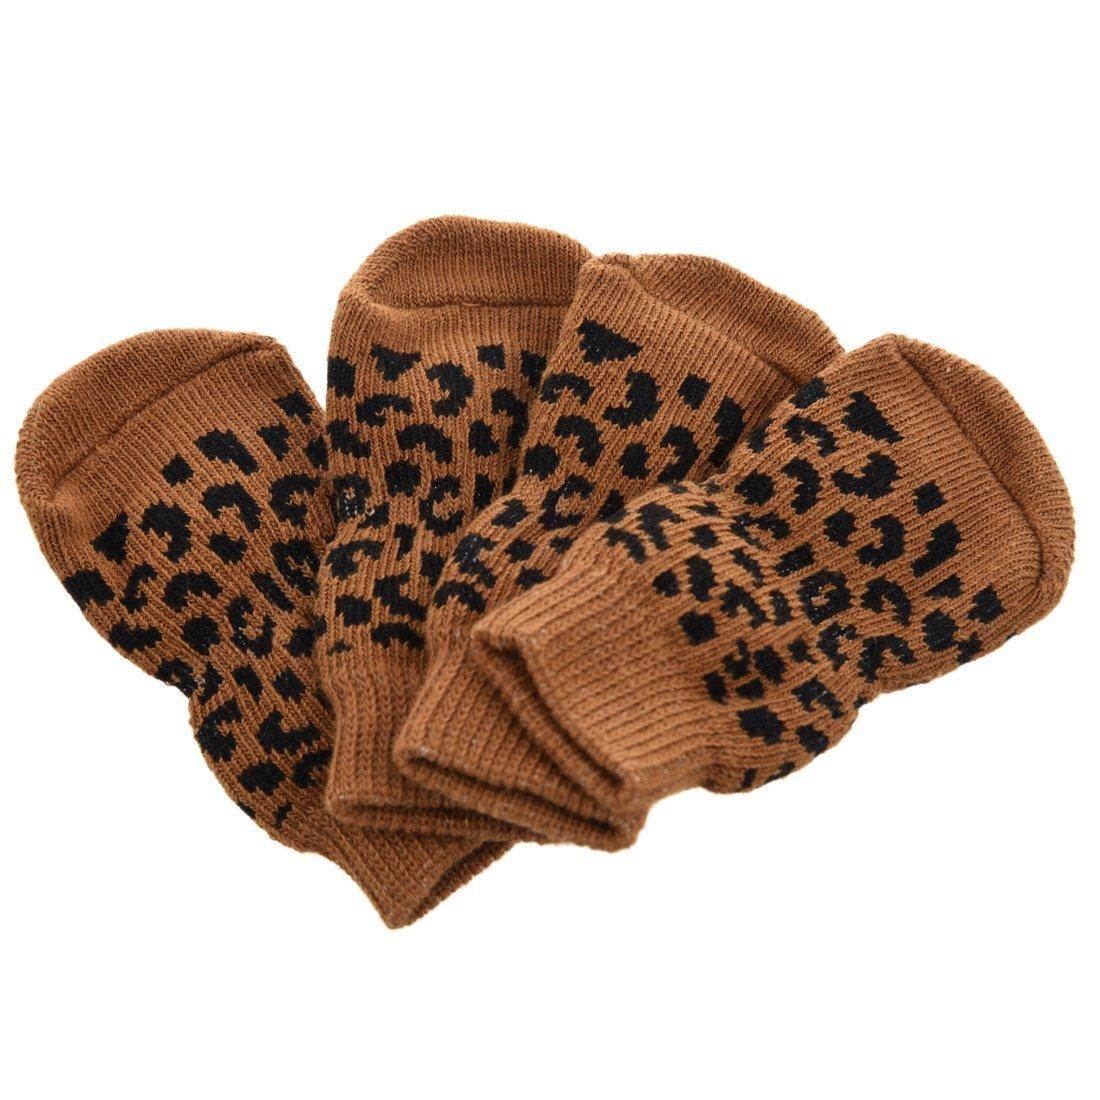 TOOGOO Chaussettes leopard anti-derapant pour les animaux domestiques Chaussettes de protection pour les chiens et les chats - XS SHOMAT11385